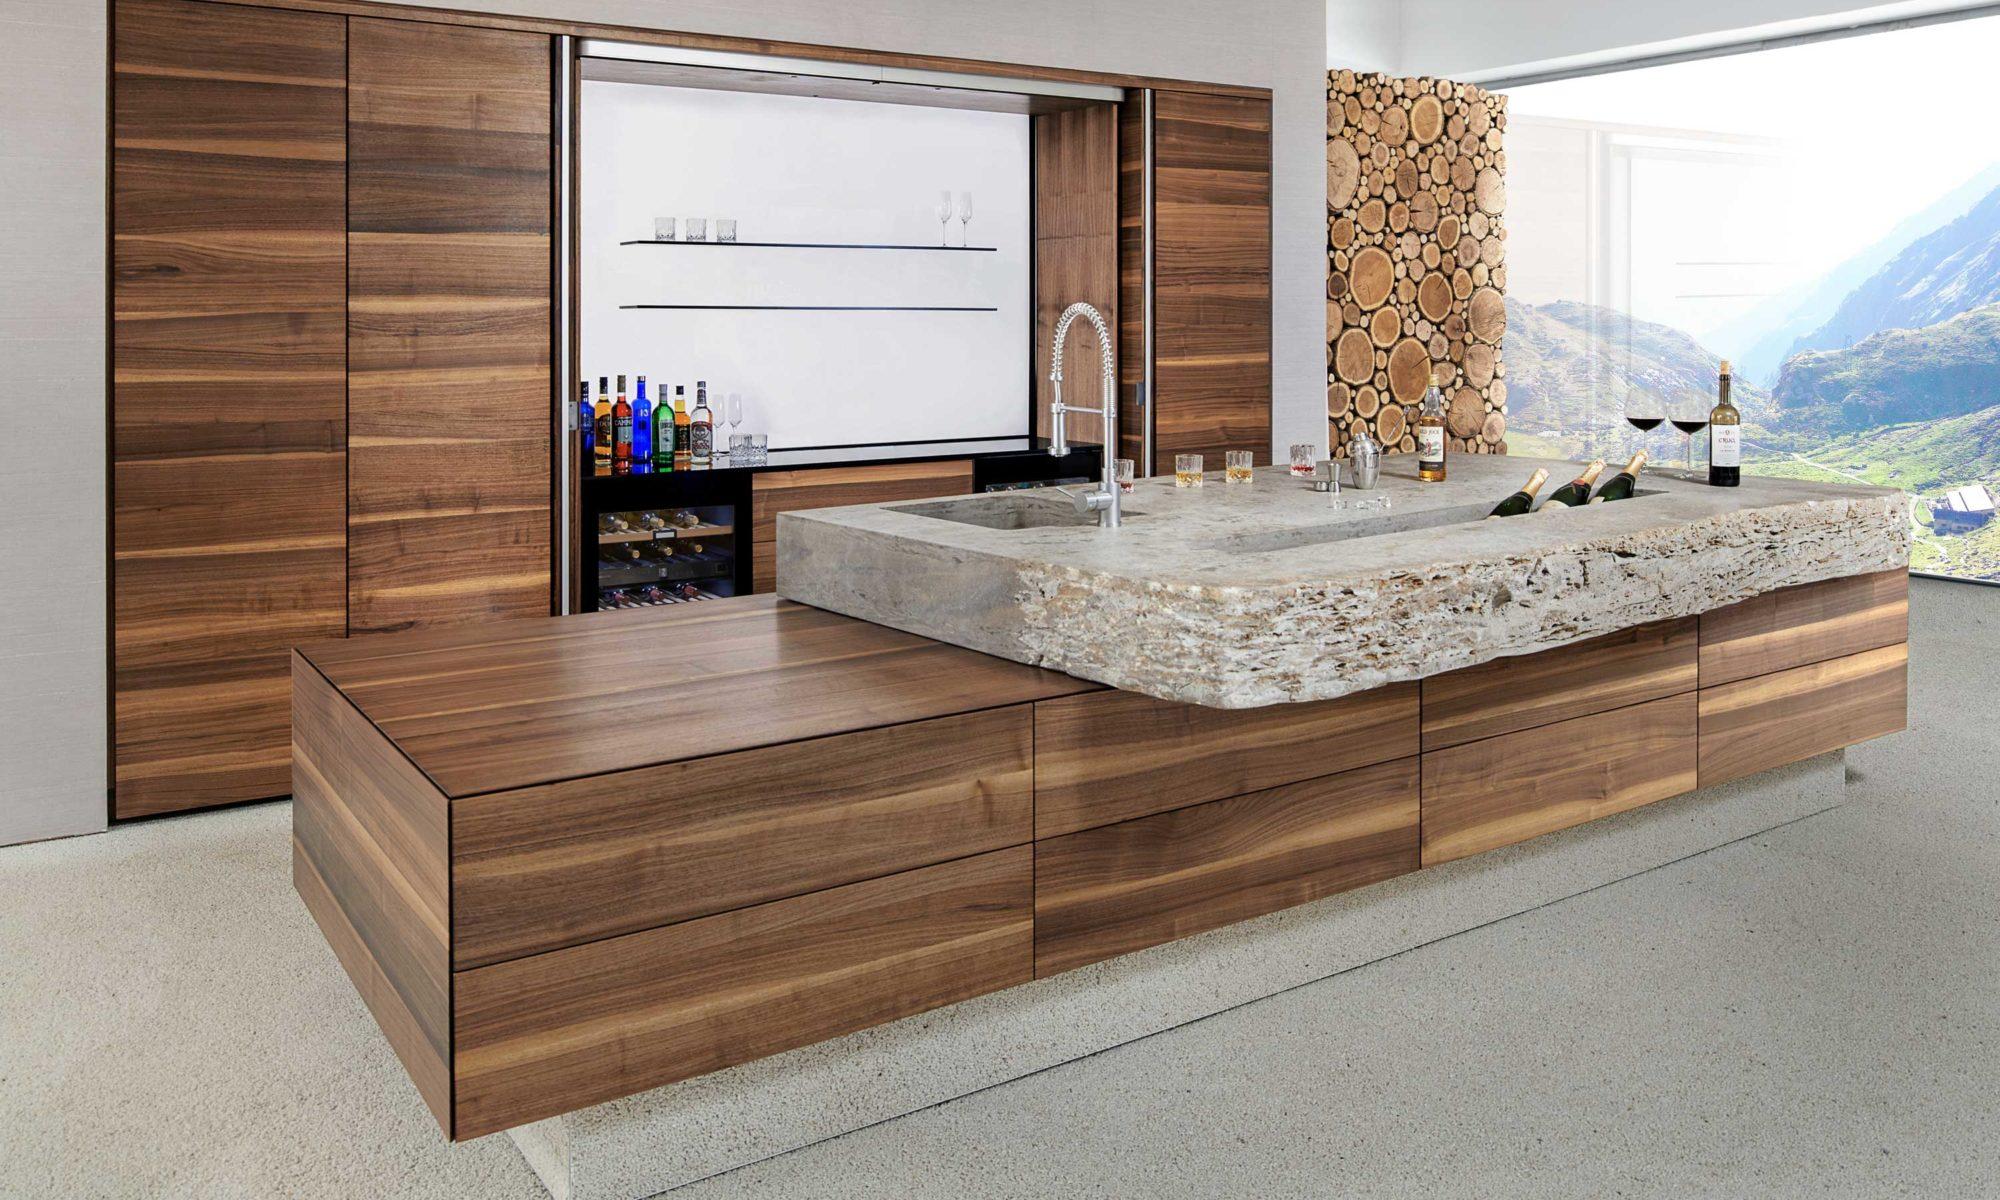 BAX, Küche, modern, Design, Nussbaum, Stein, Naturmaterialien